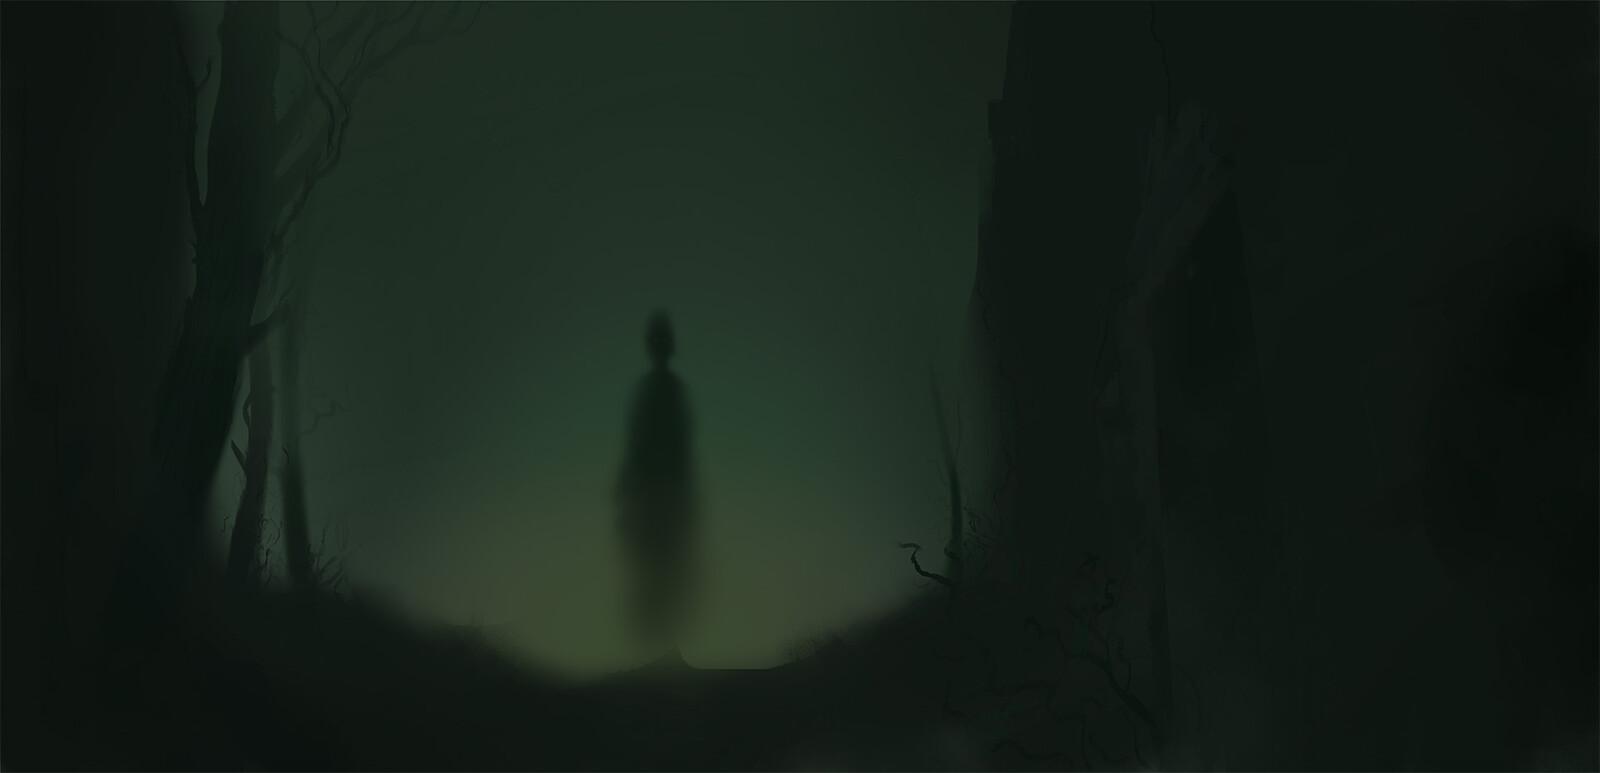 Inktober2019 - Day 22 - Ghost